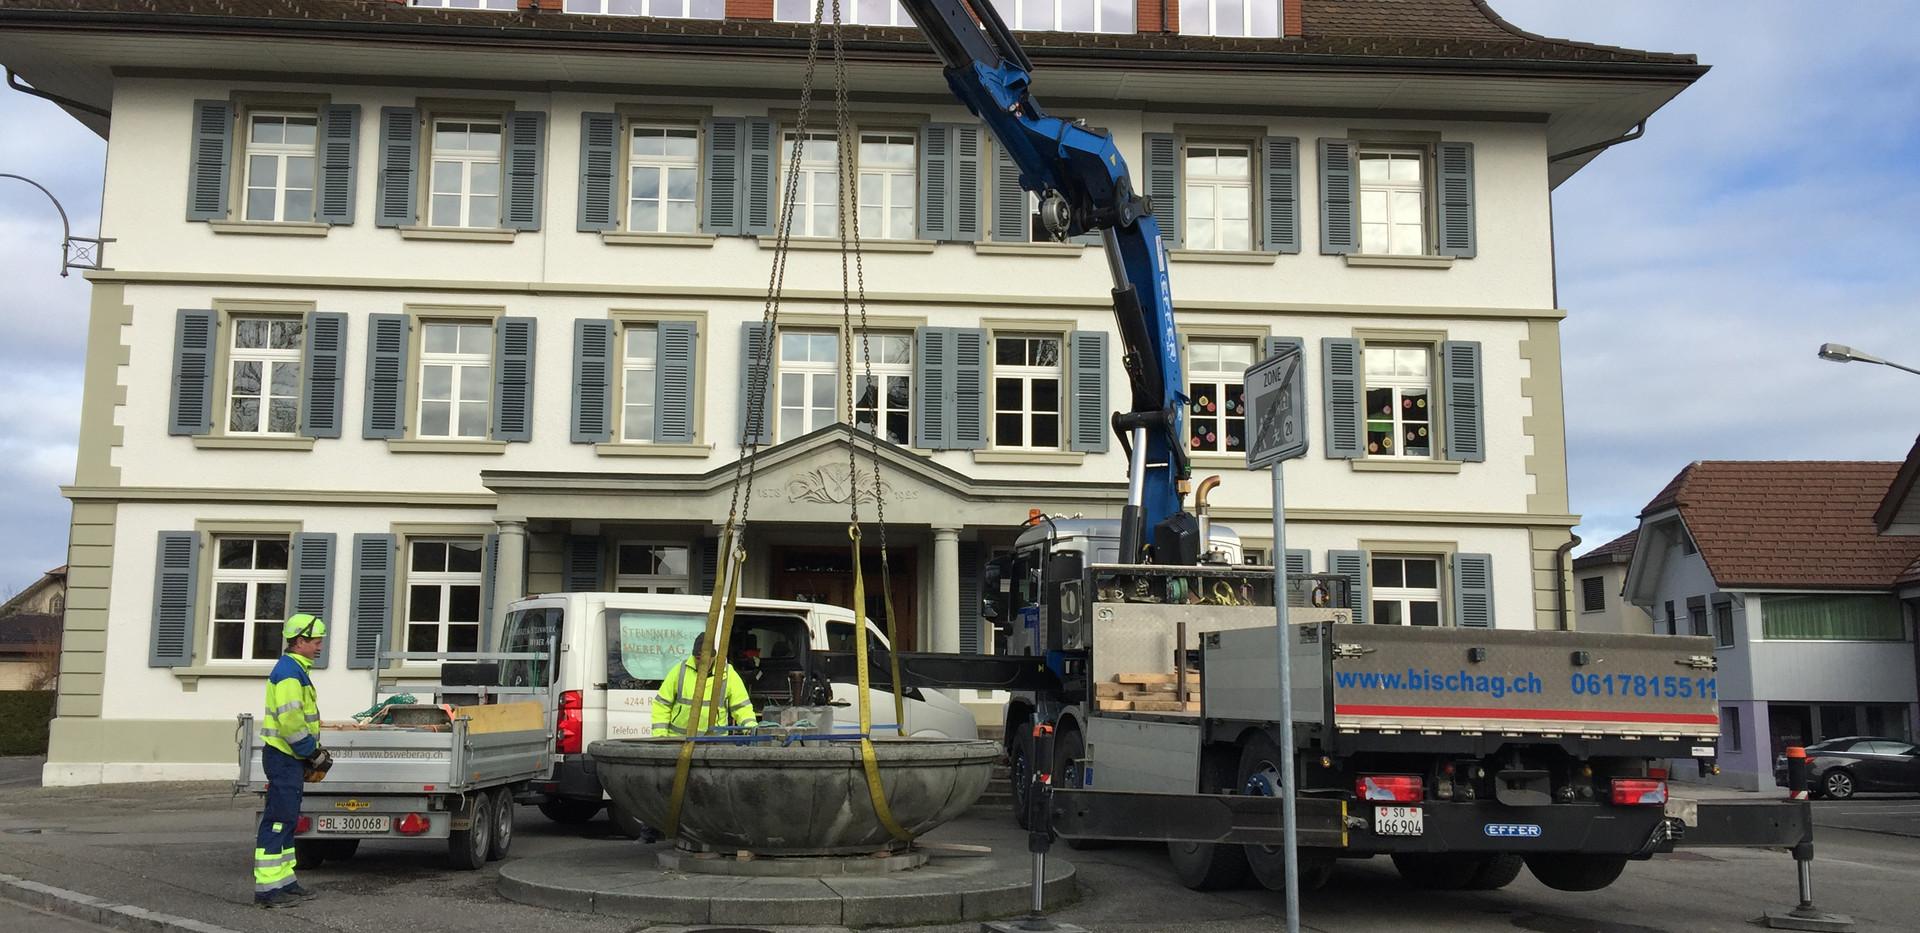 04_schulhausbrunnen_roggwil.Jpg